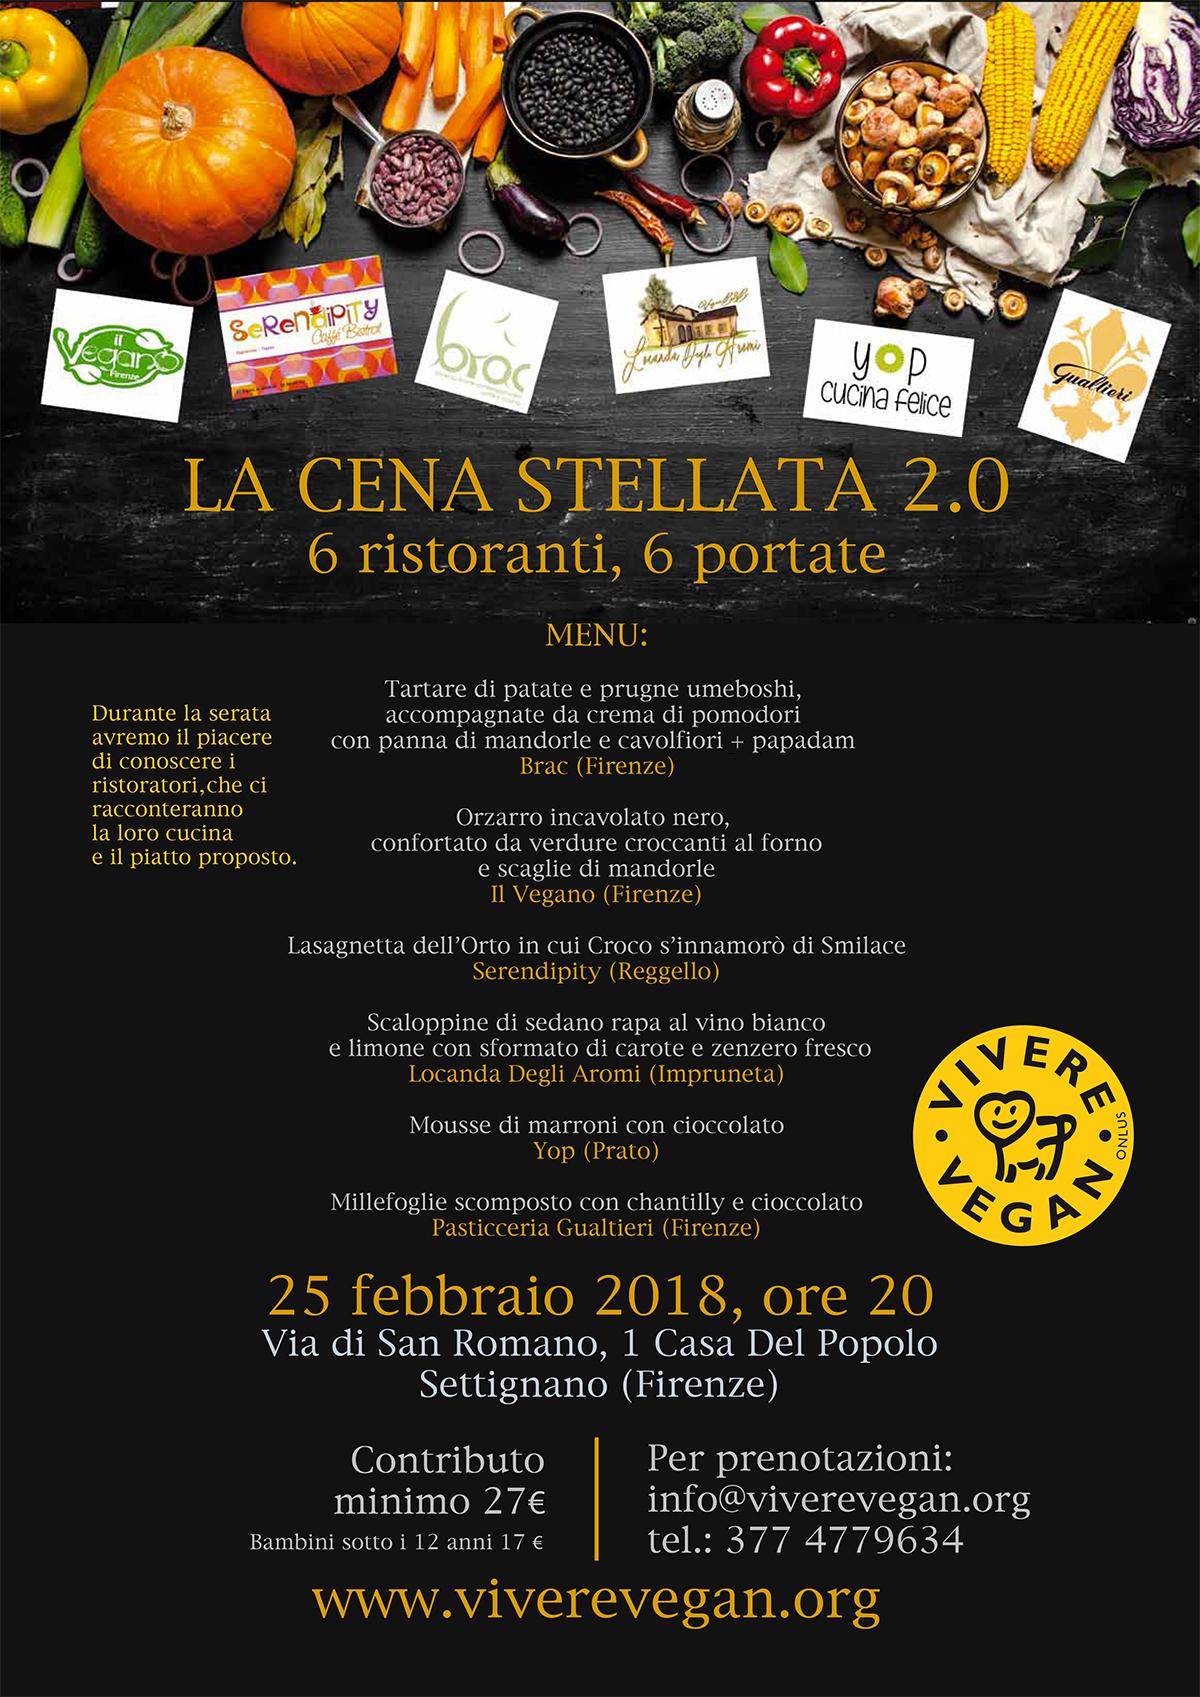 locandina_la-cena-stellata2.0